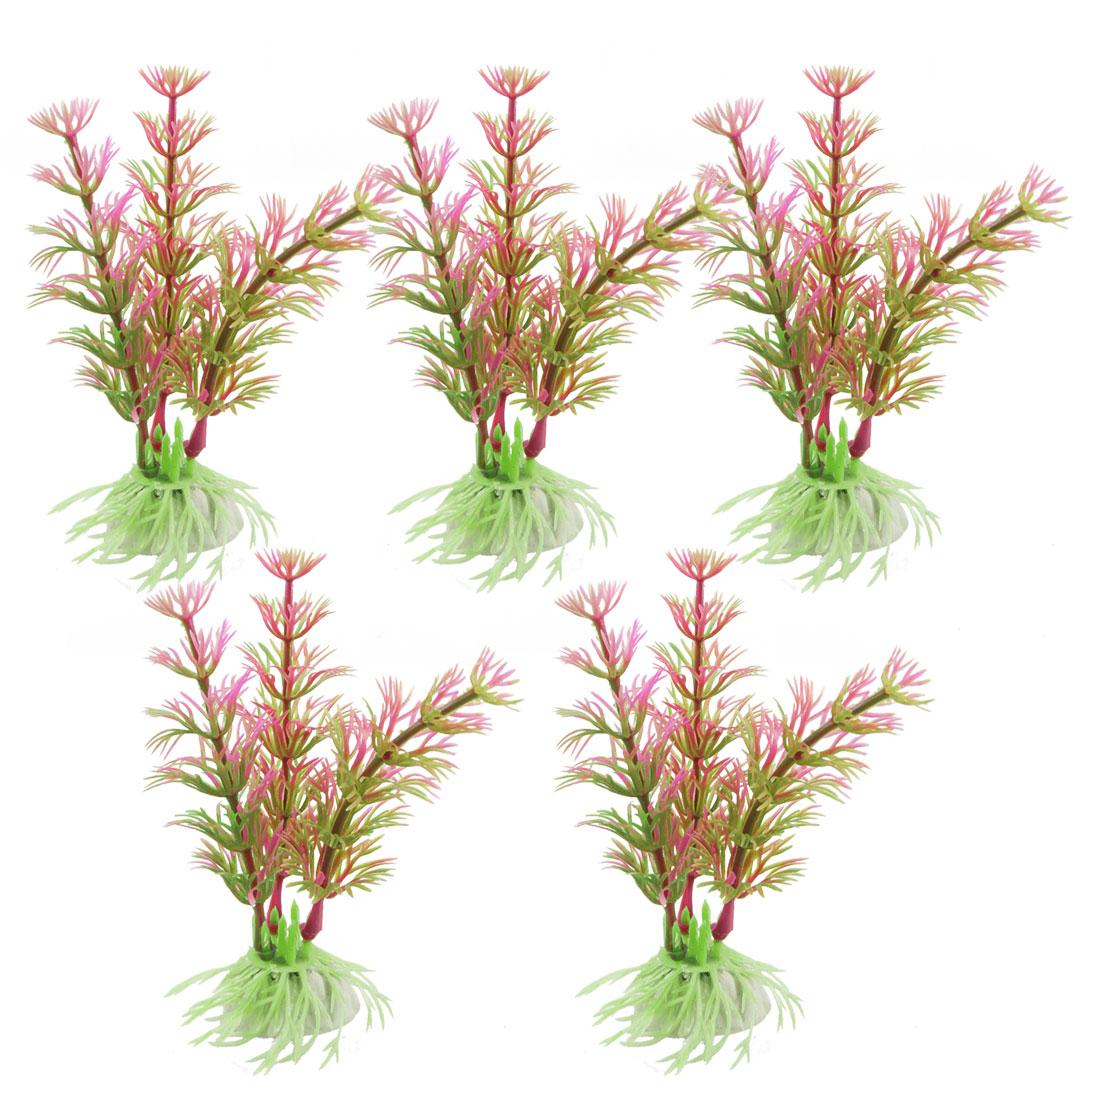 """4.3"""" 5 Pcs Green Fuchsia Plastic Plants Grass Ornament for Fish Tank"""